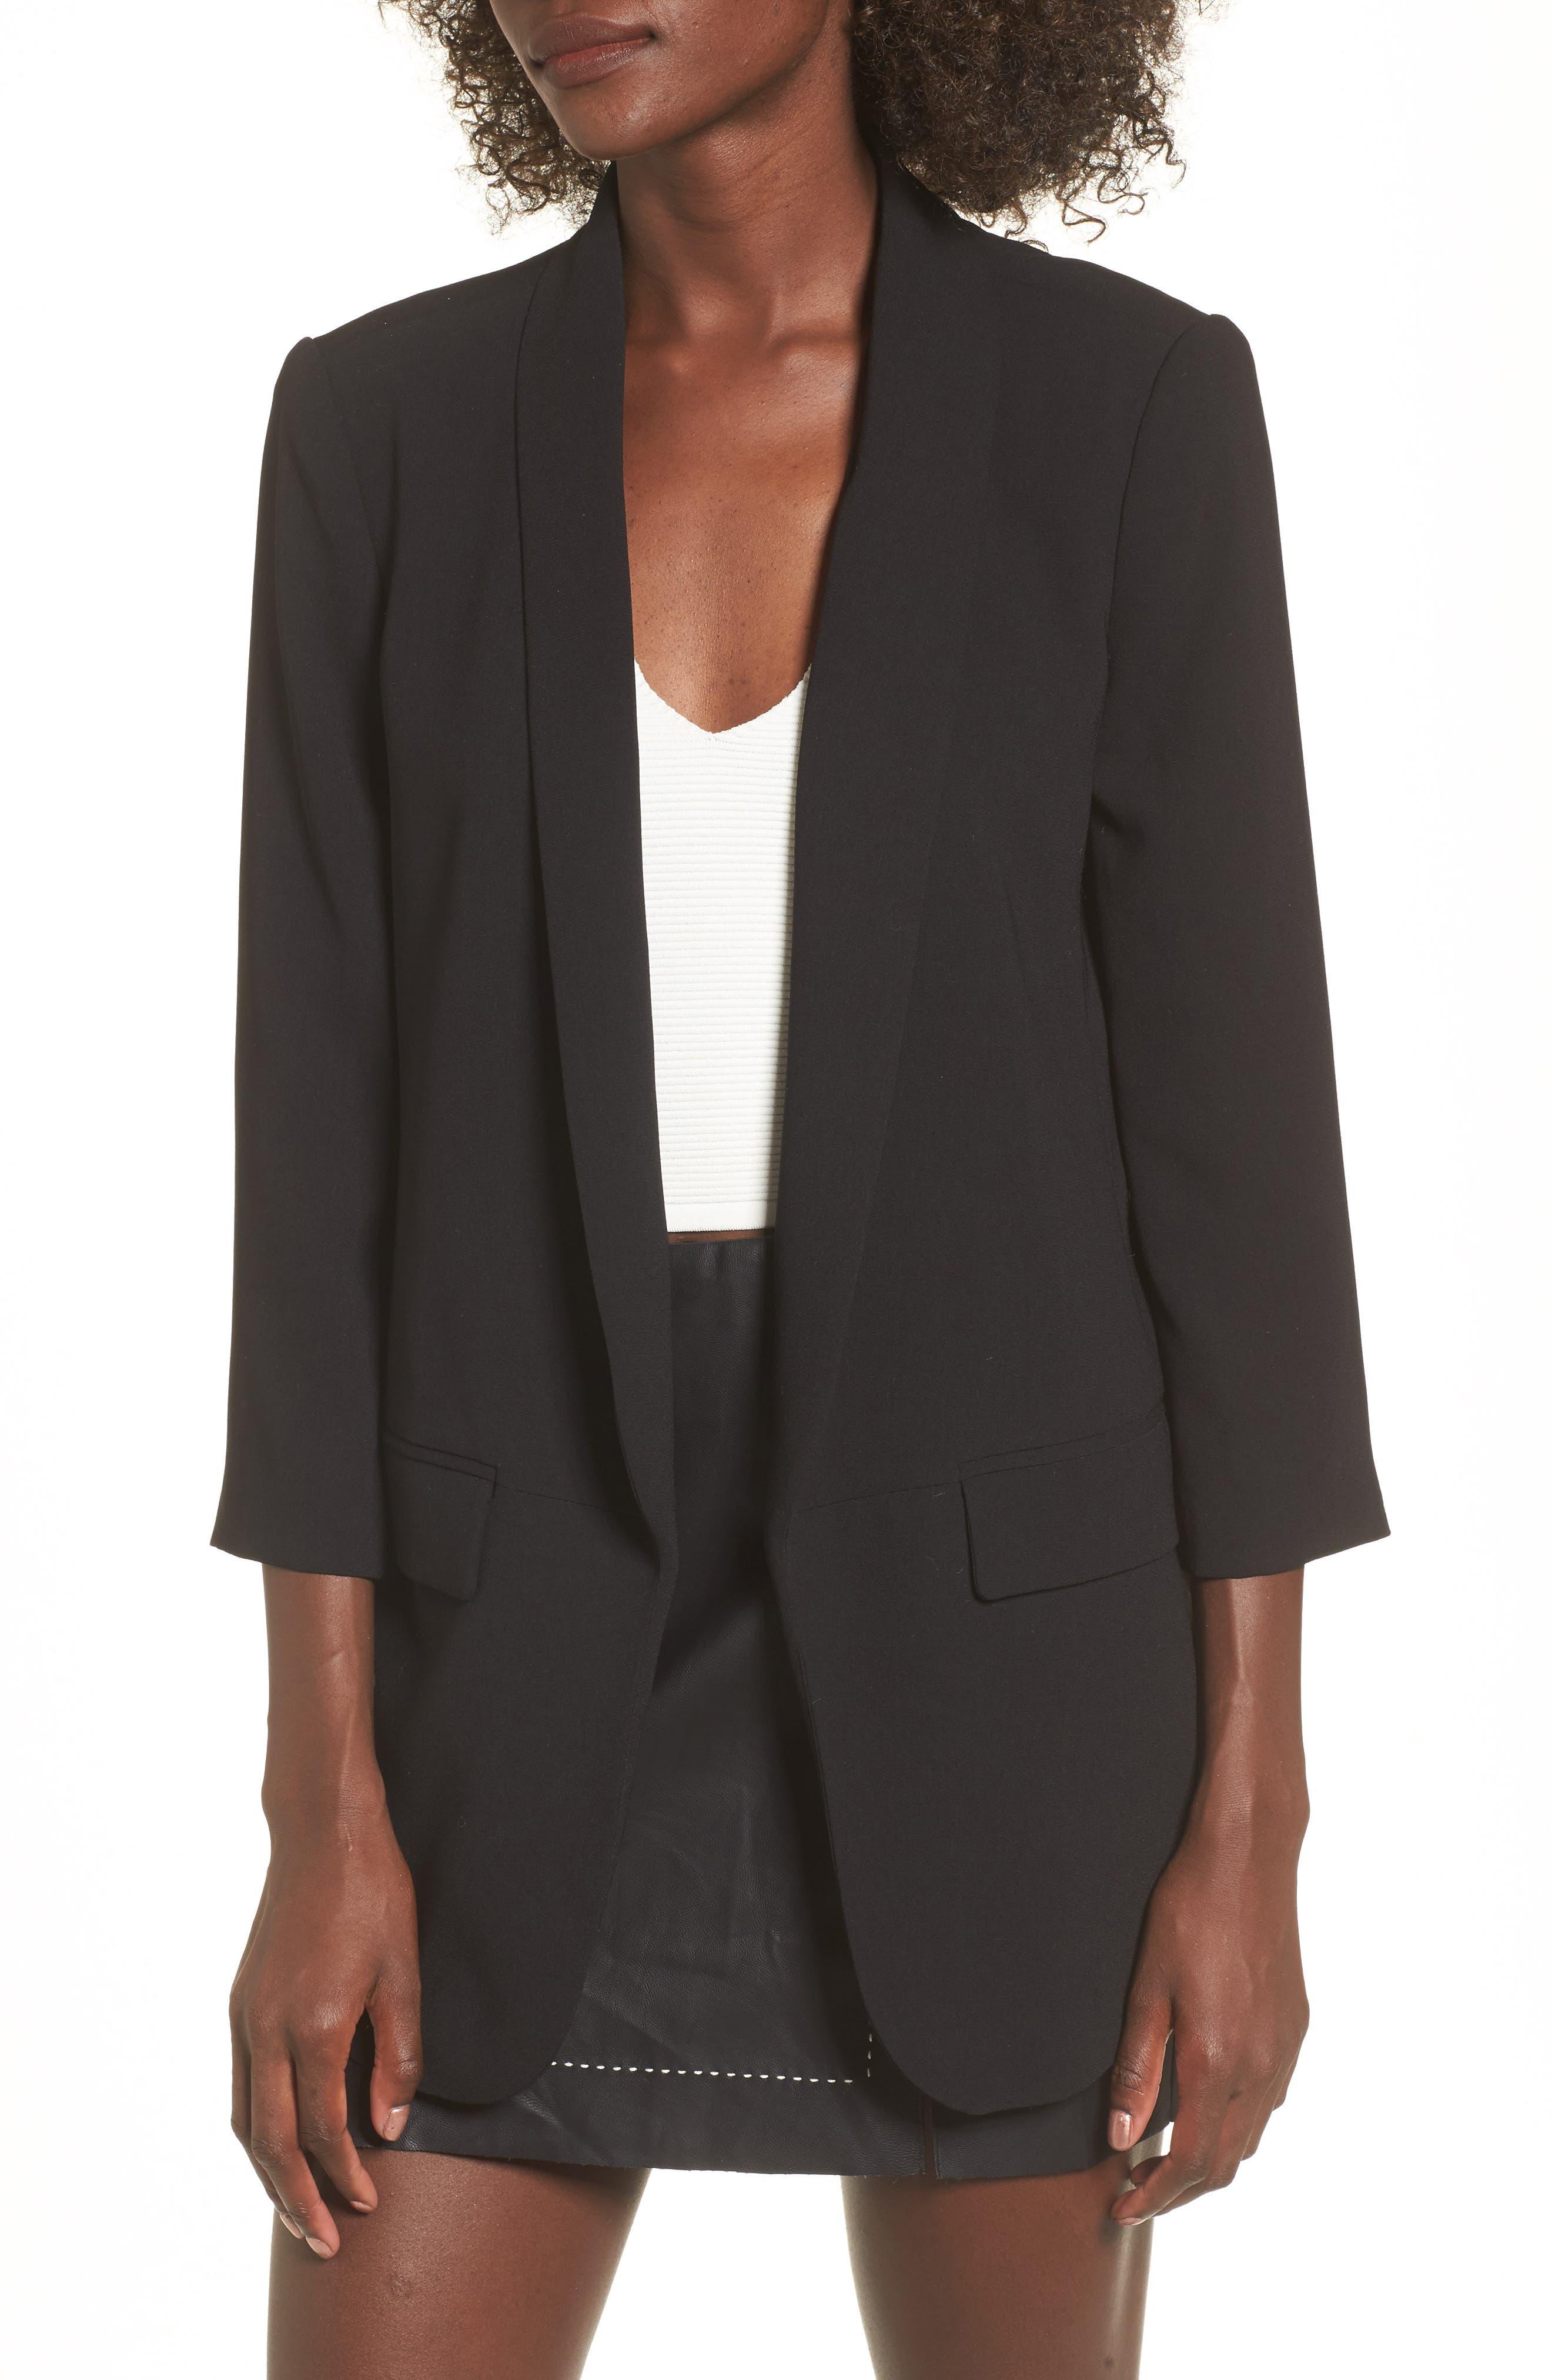 Longline suit jacket